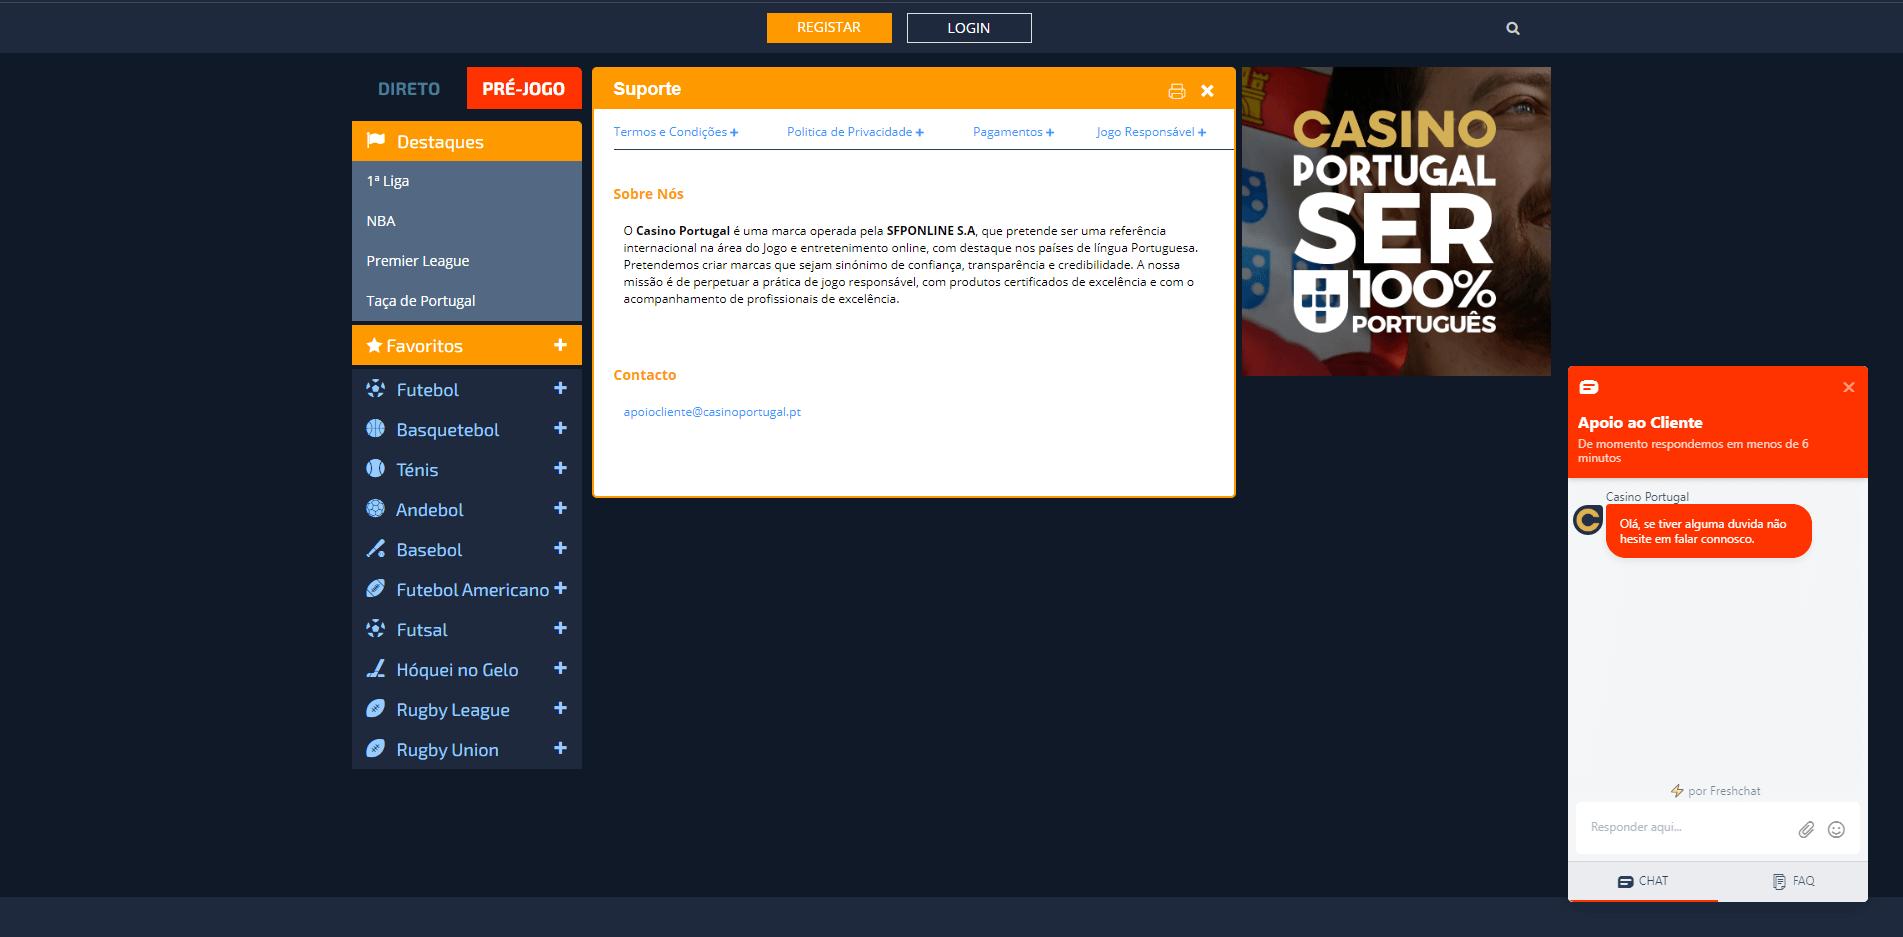 apoio ao cliente do Casino Portugal